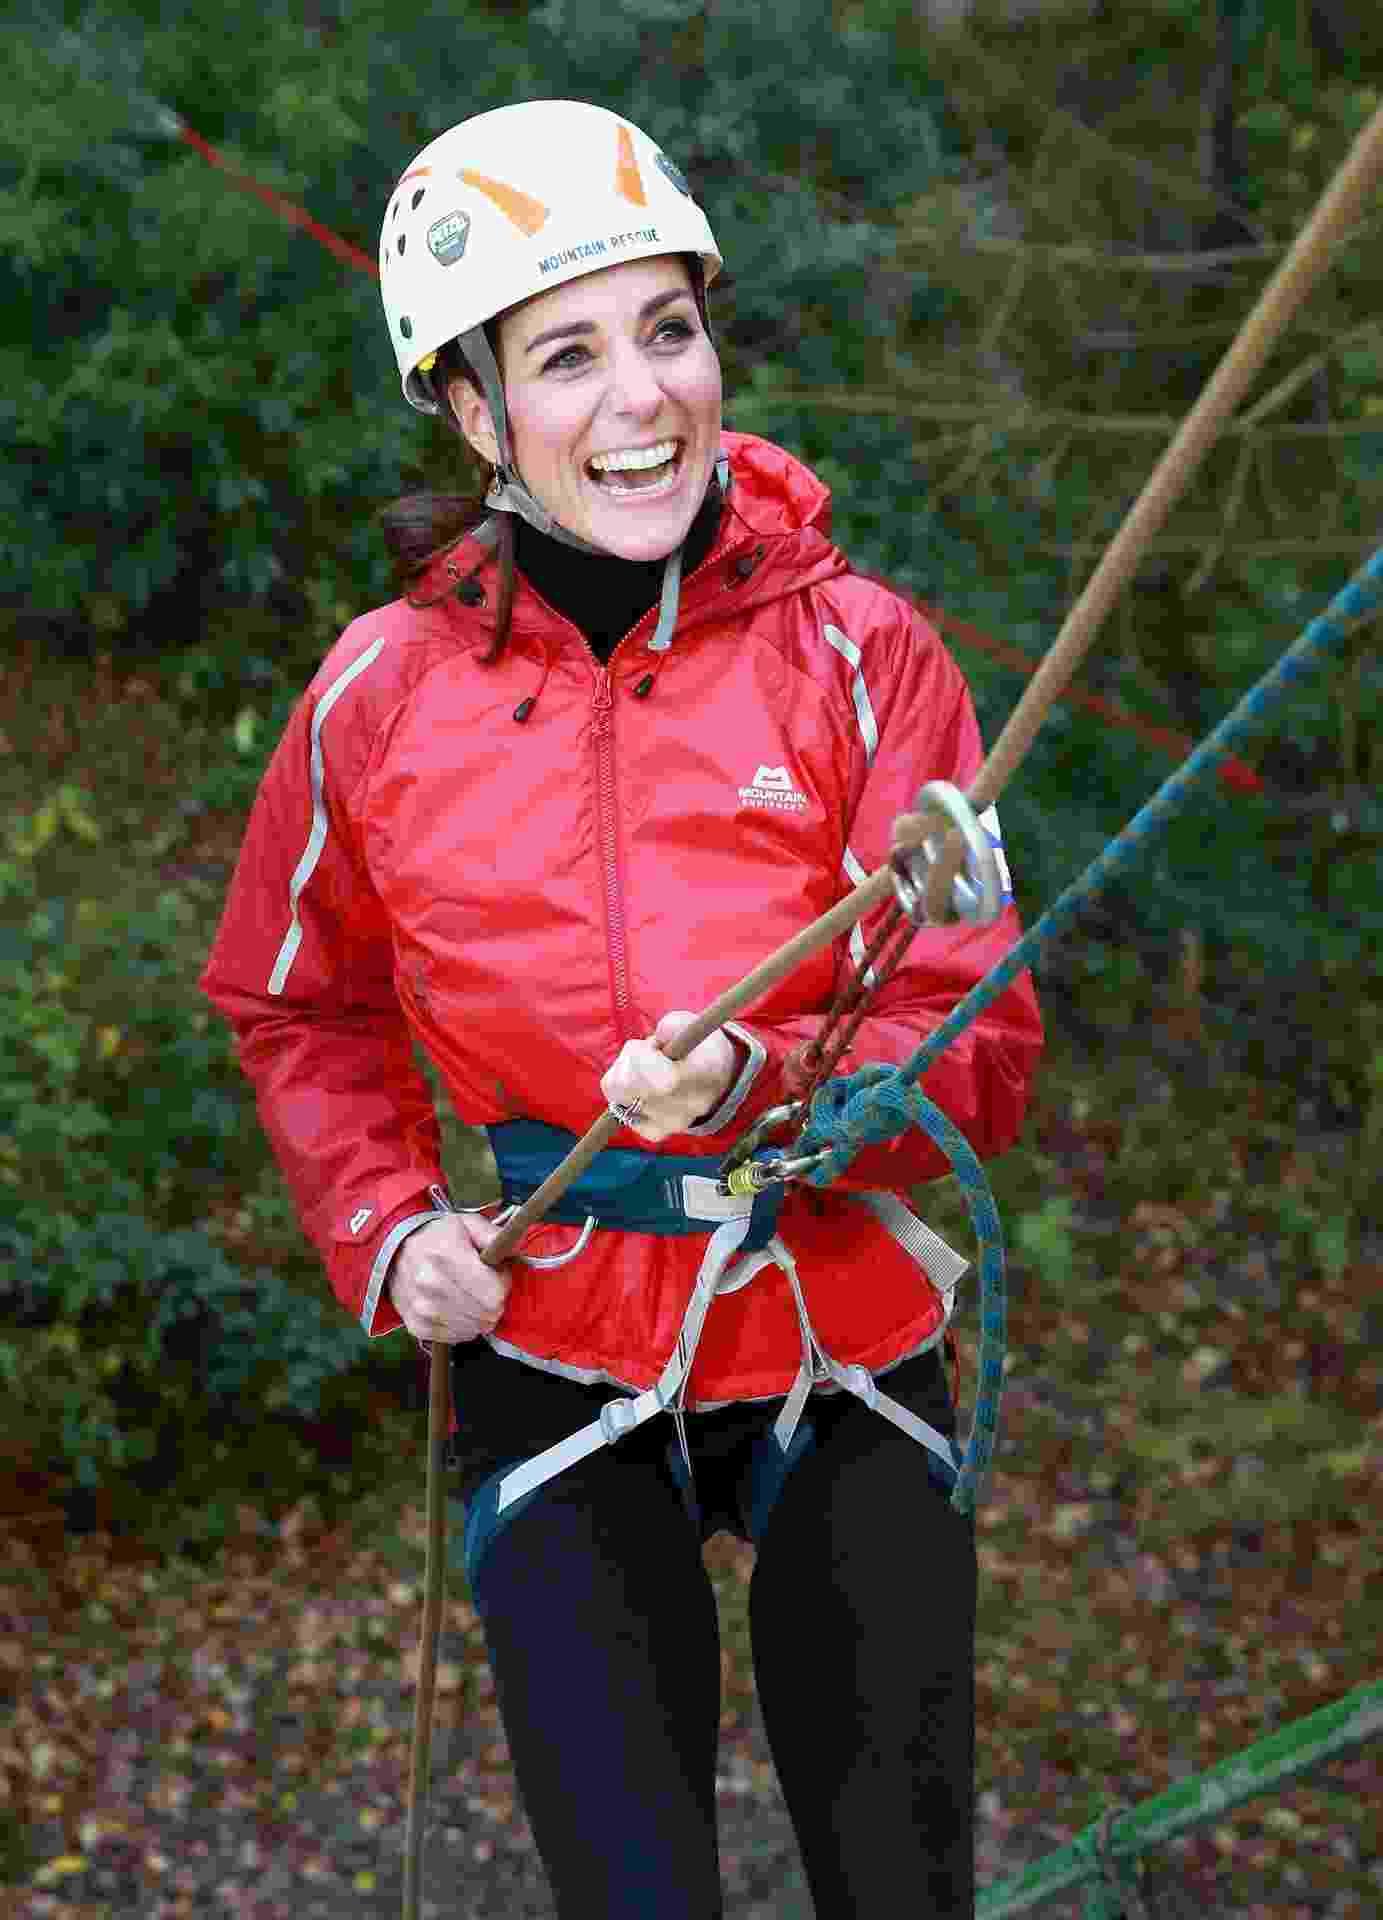 20.nov.2015 - Kate Middleton pratica rapel durante visita do casal real britânico a instituições de caridade da região norte do Reino Unido - Getty Images